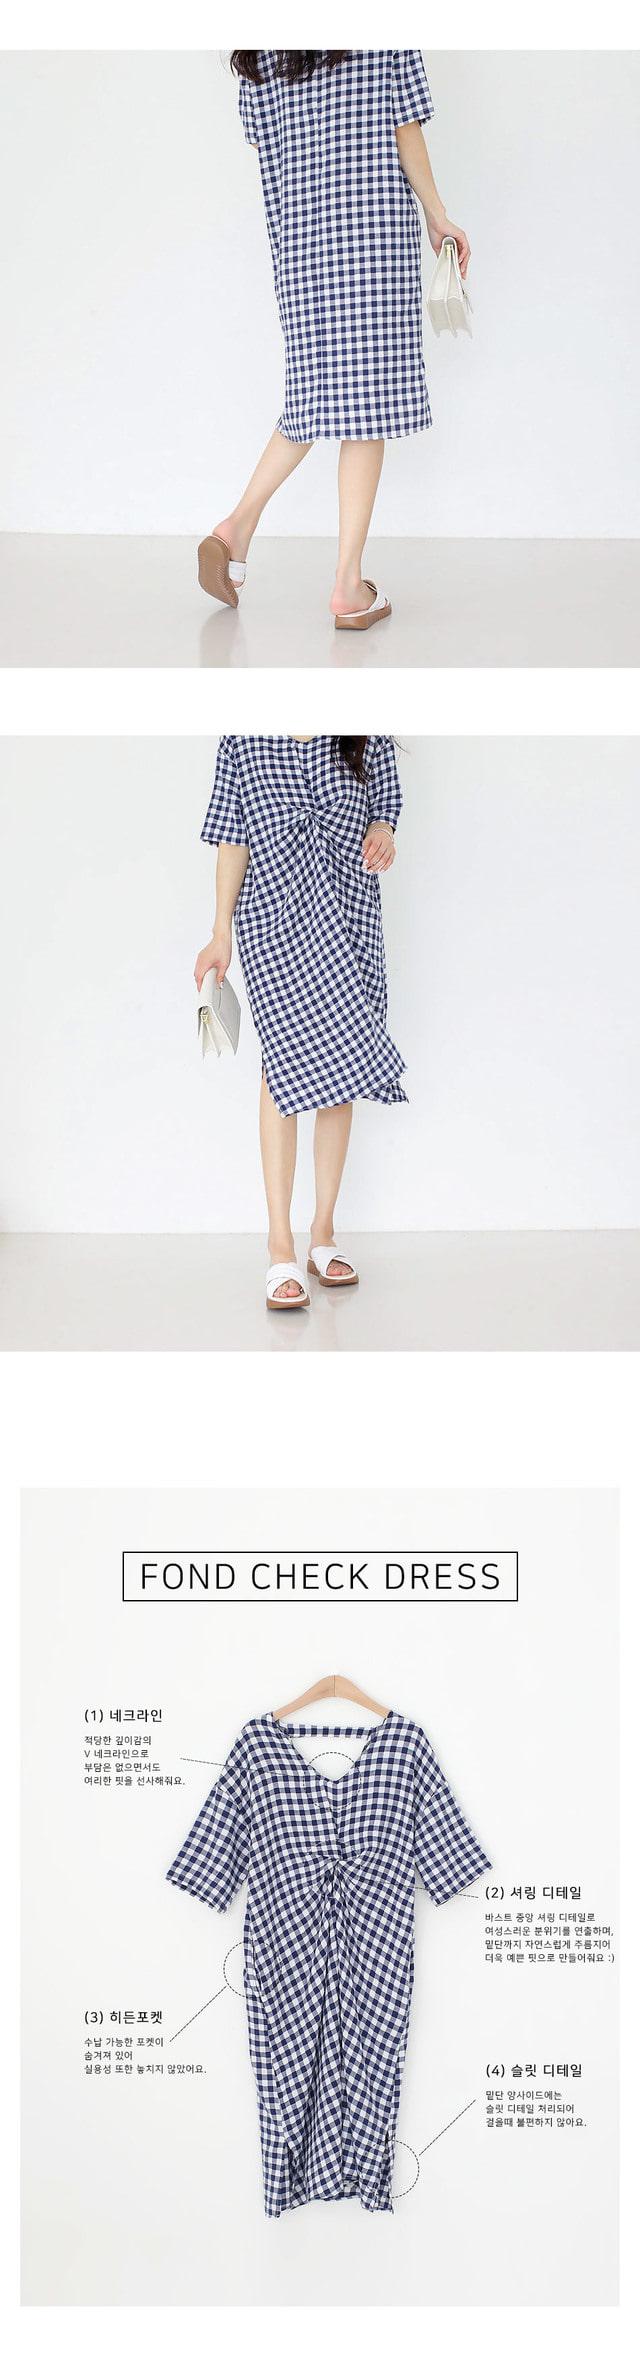 Pond check dress